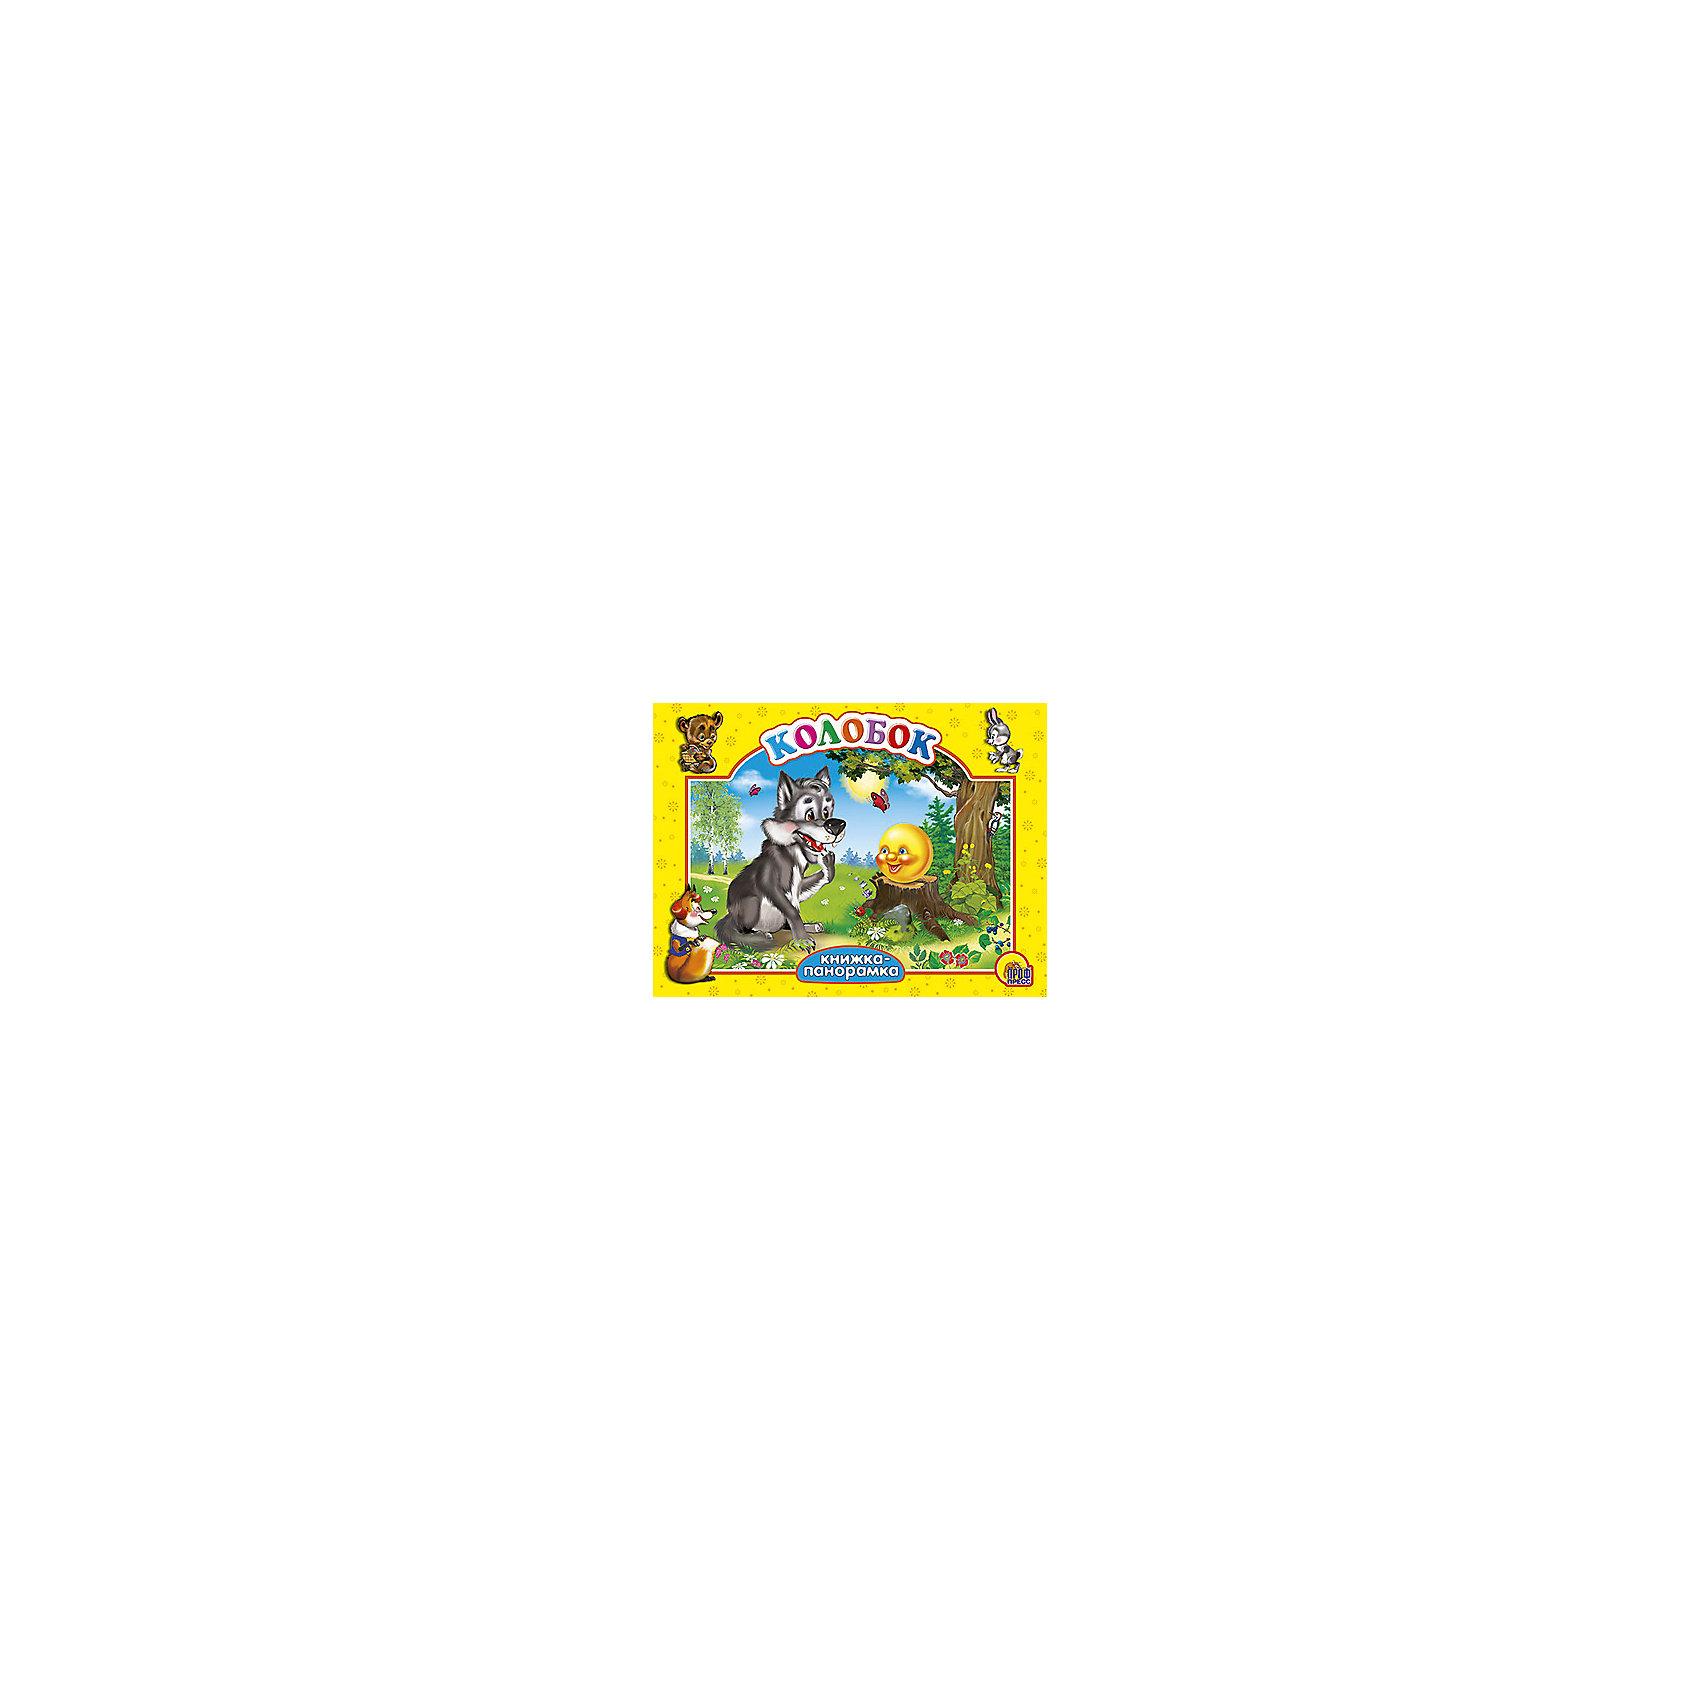 Большая панорама КолобокКолобок из серии Большая панорама - прекрасный подарок для малыша! На страницах книги любимые герои оживают благодаря ярким объемным картинкам. Такую книгу ребенок с удовольствием захочет читать снова и снова!<br>Дополнительная информация:<br>Издательство: Проф-Пресс<br>Год выпуска: 2016<br>Серия: Книжки на картоне панорамы<br>Обложка: картон<br>Иллюстрации: цветные<br>Количество страниц: 8<br>ISBN:978-5-378-03159-7<br>Размер: 21,5х18х29 см<br>Вес: 320 грамм<br>Книгу Колобок можно приобрести в нашем интернет-магазине.<br><br>Ширина мм: 290<br>Глубина мм: 18<br>Высота мм: 215<br>Вес г: 320<br>Возраст от месяцев: 0<br>Возраст до месяцев: 36<br>Пол: Унисекс<br>Возраст: Детский<br>SKU: 4905889